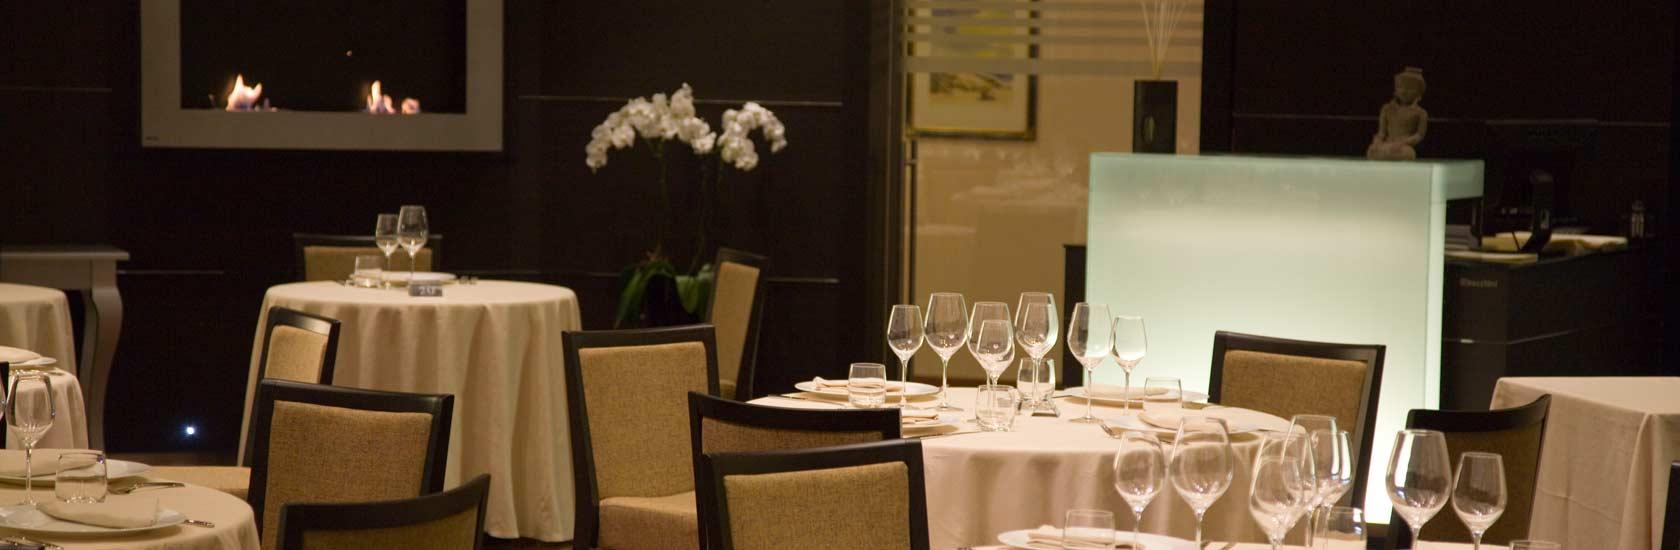 ristorante-jesi_004